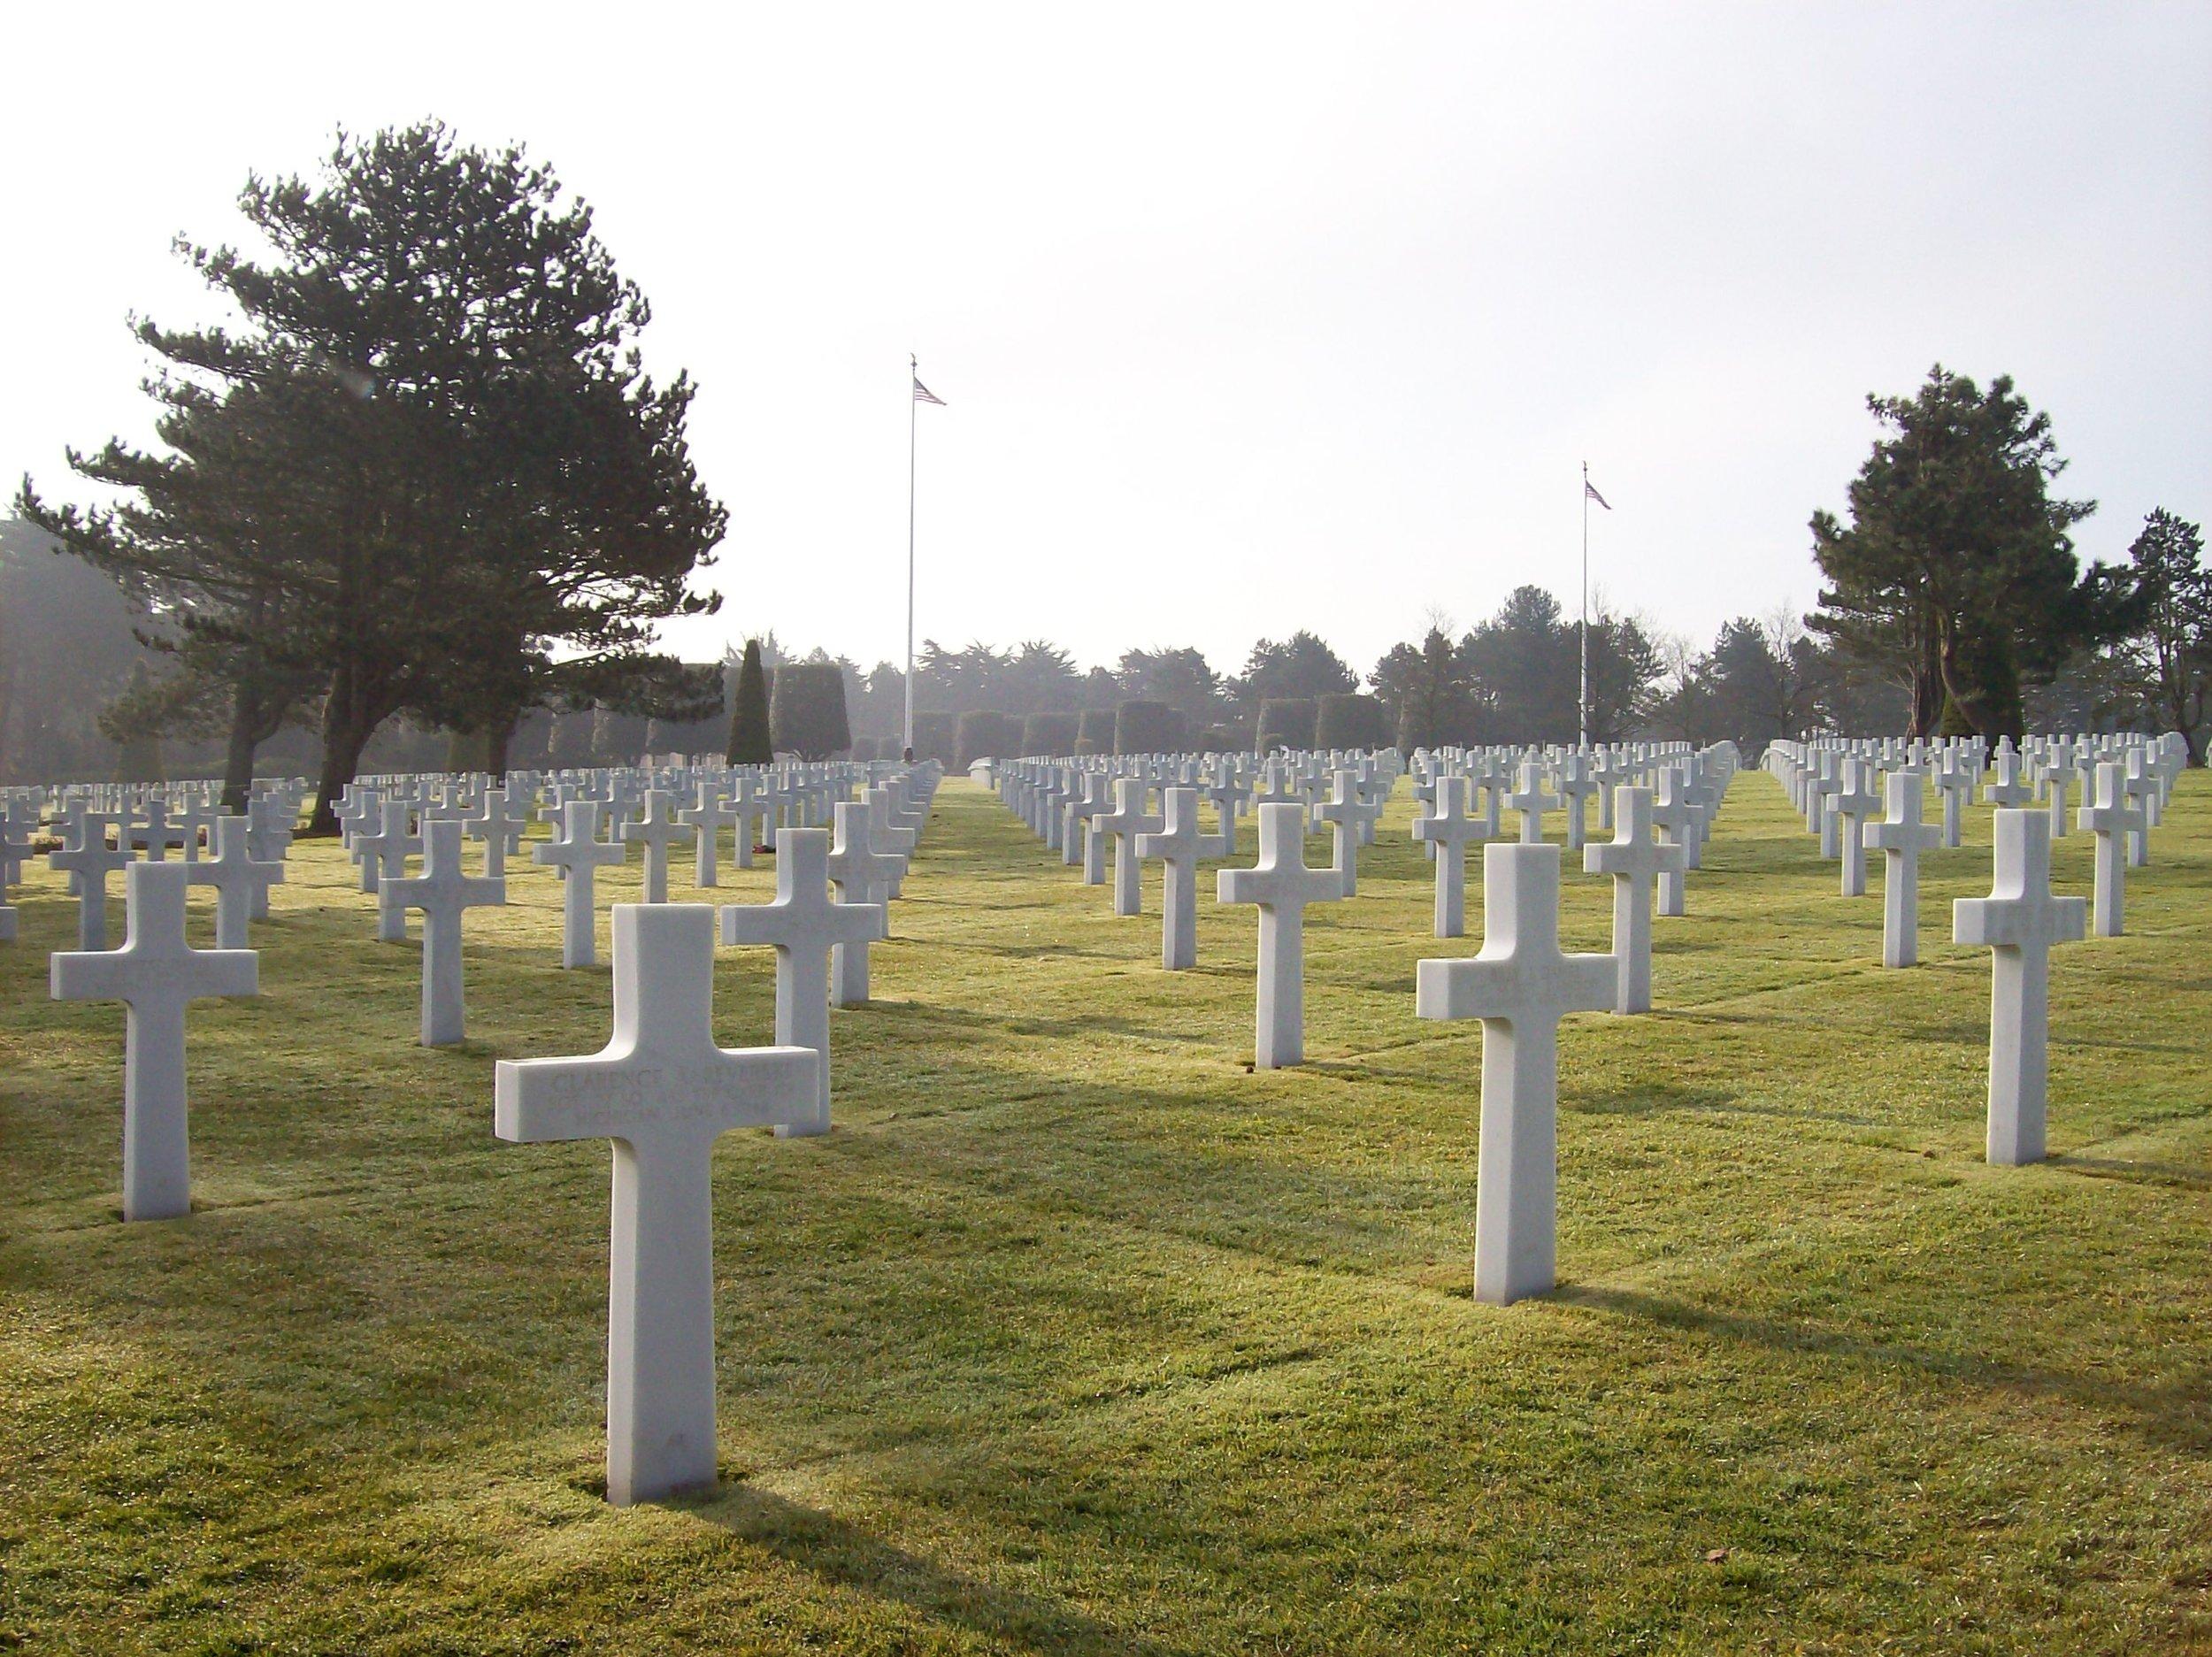 cemetery-crosses-daytime-930711.jpg